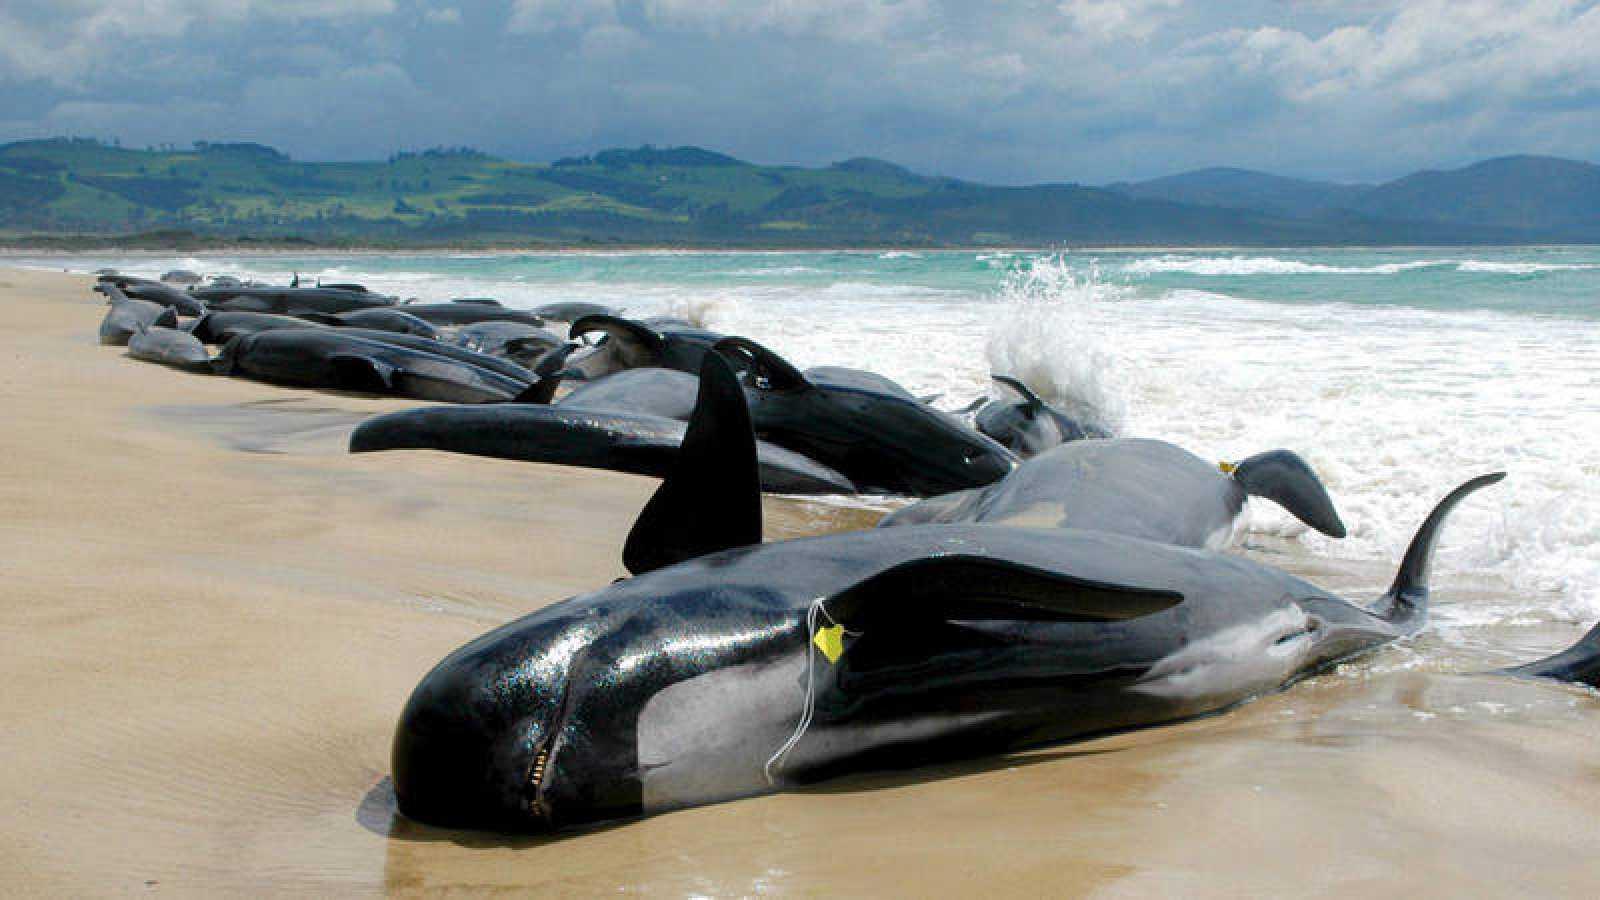 Los embarrancamientos costeros ocurren alrededor del mundo, implicando desde tres a cientos de animales por evento.